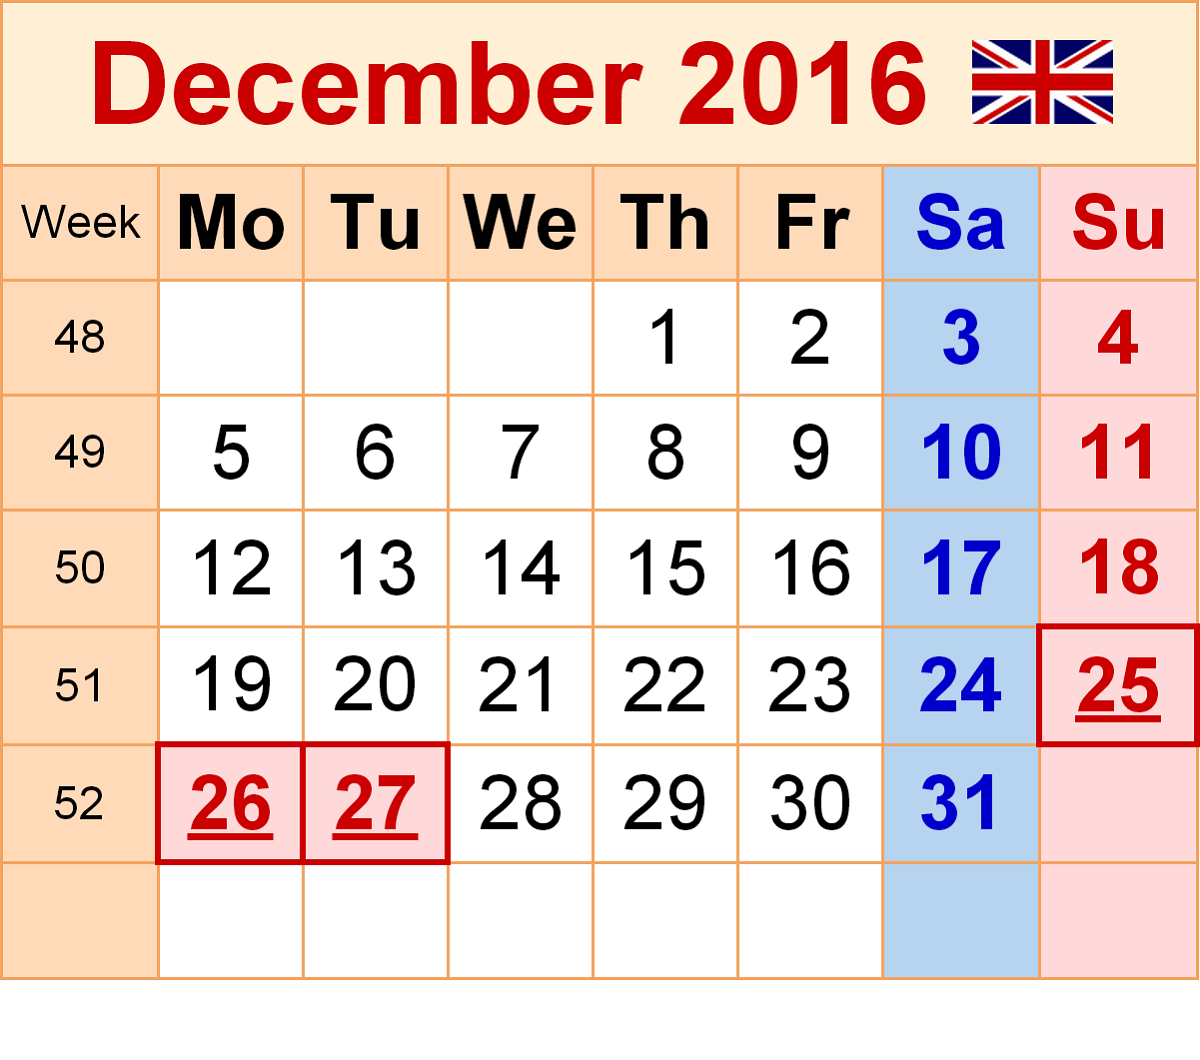 december-2016-calendar-uk